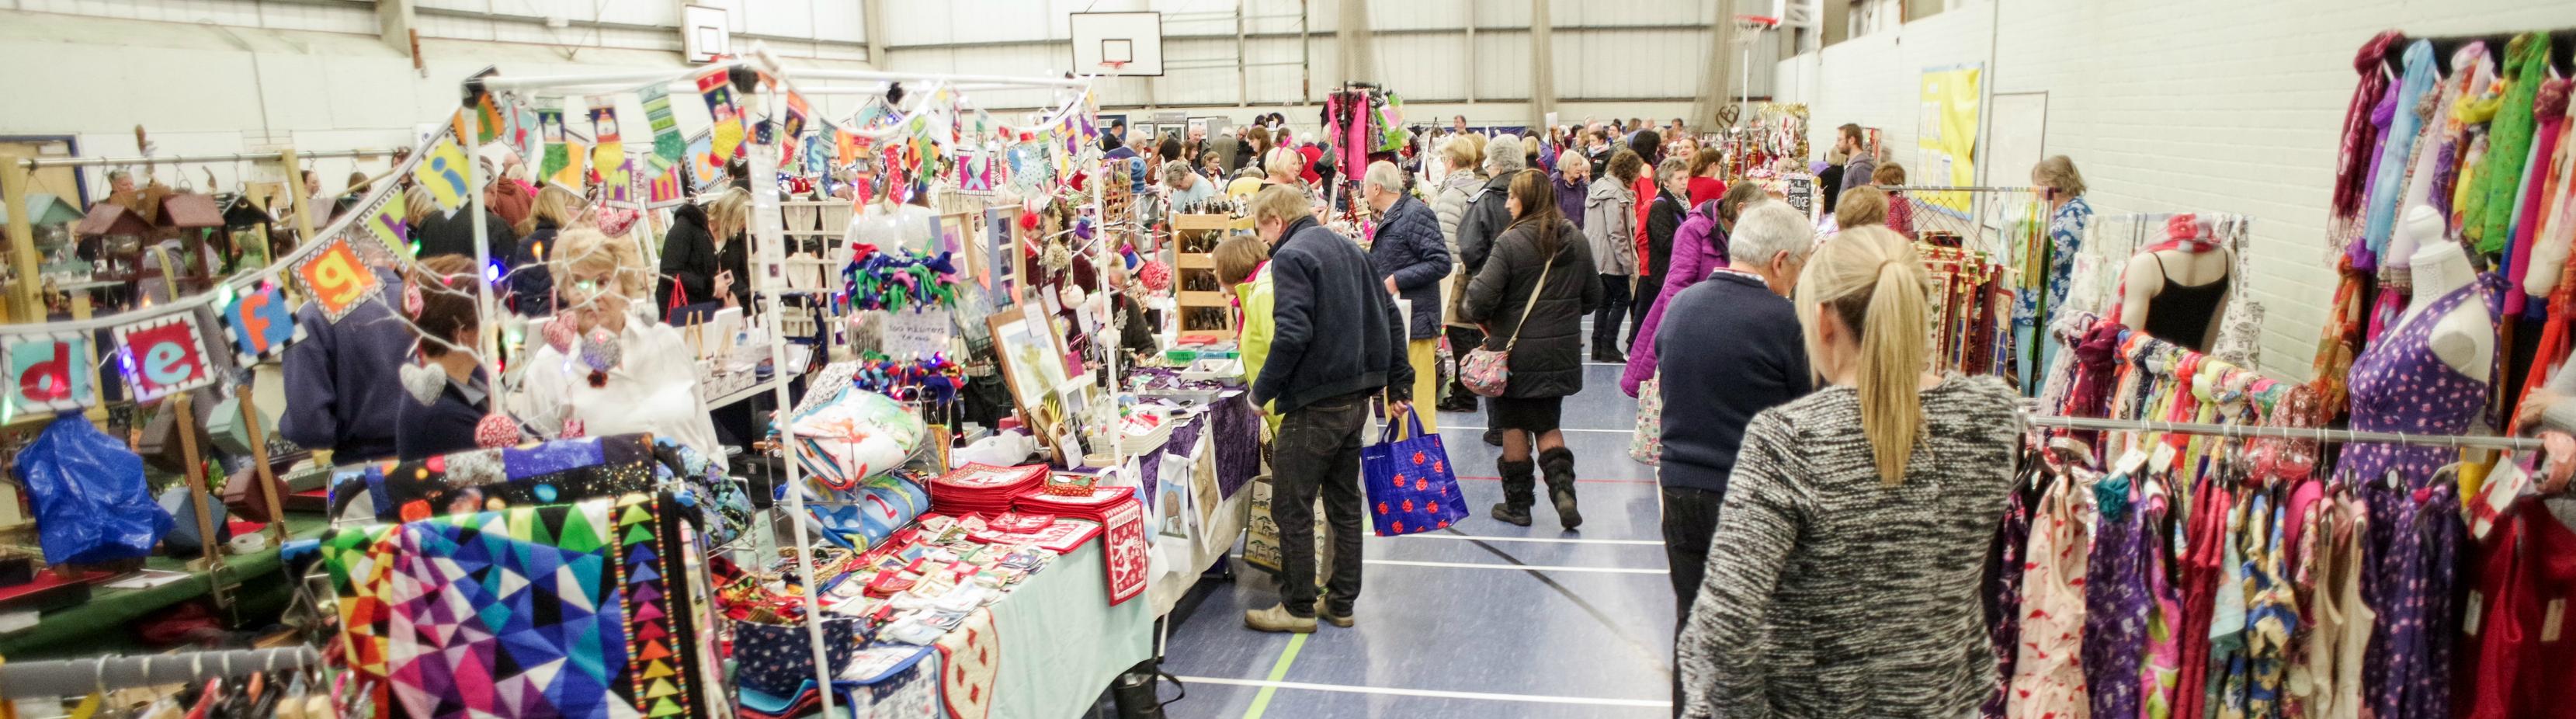 Ashford Christmas Fair